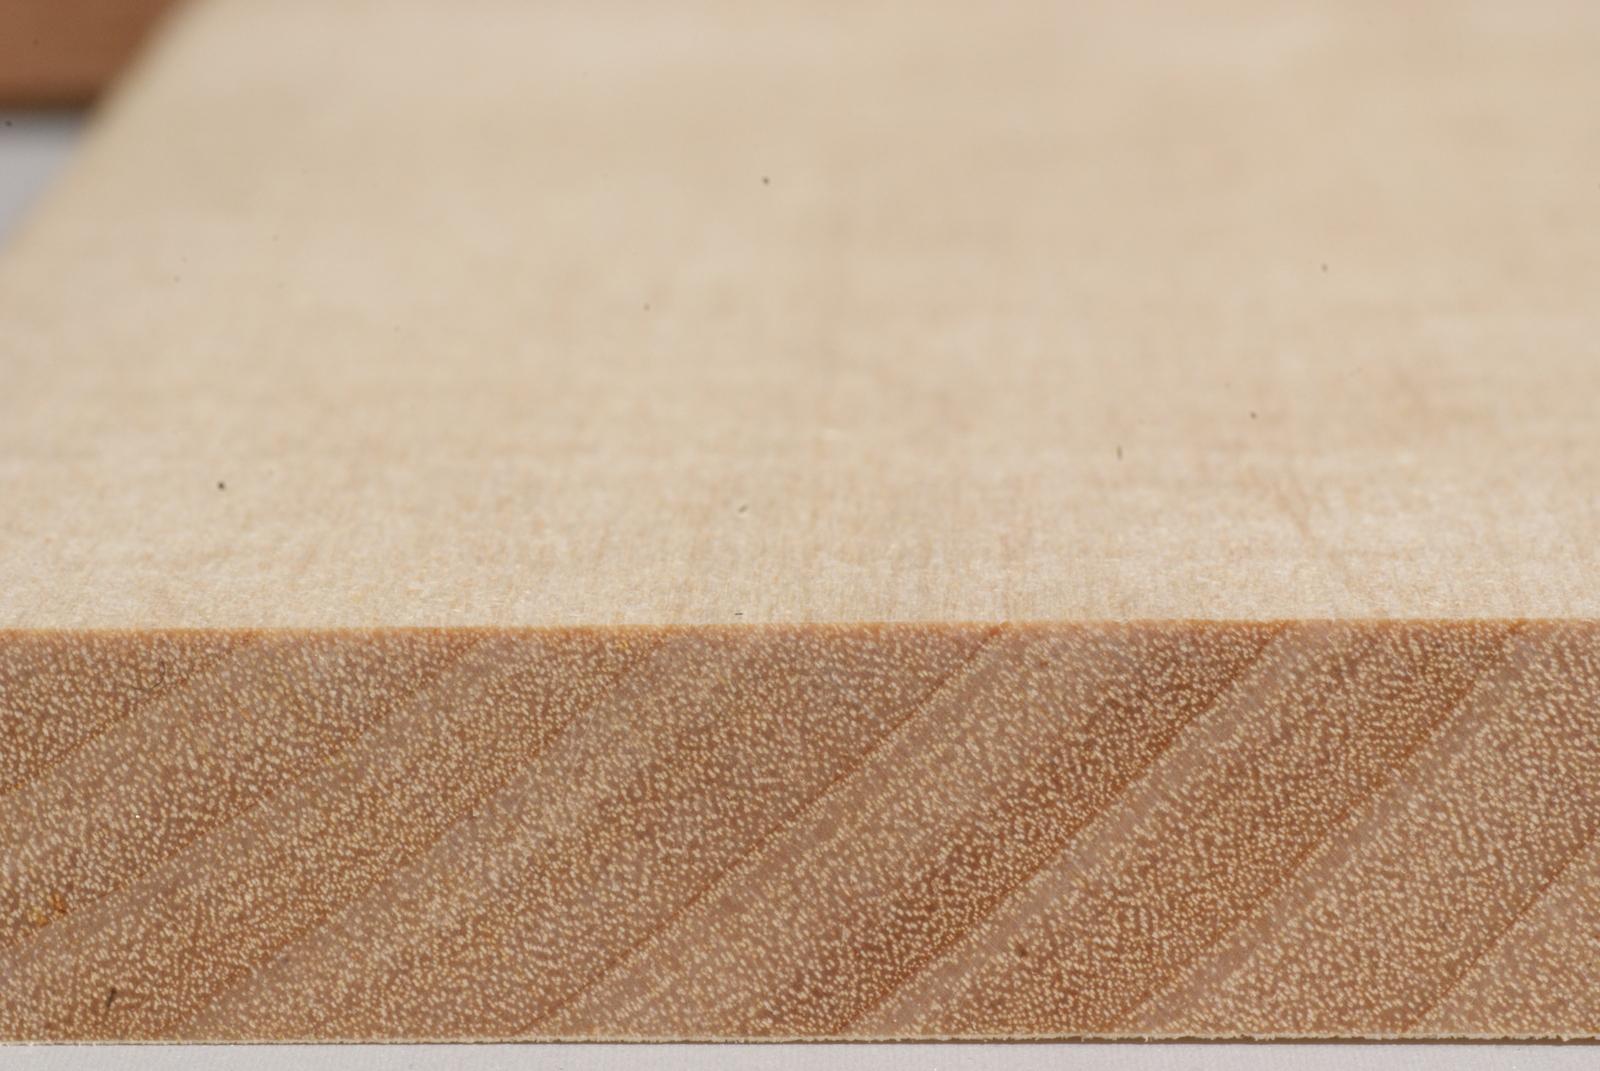 Holz Birke birken hölzer merkmale eigenschaften holz vom fach